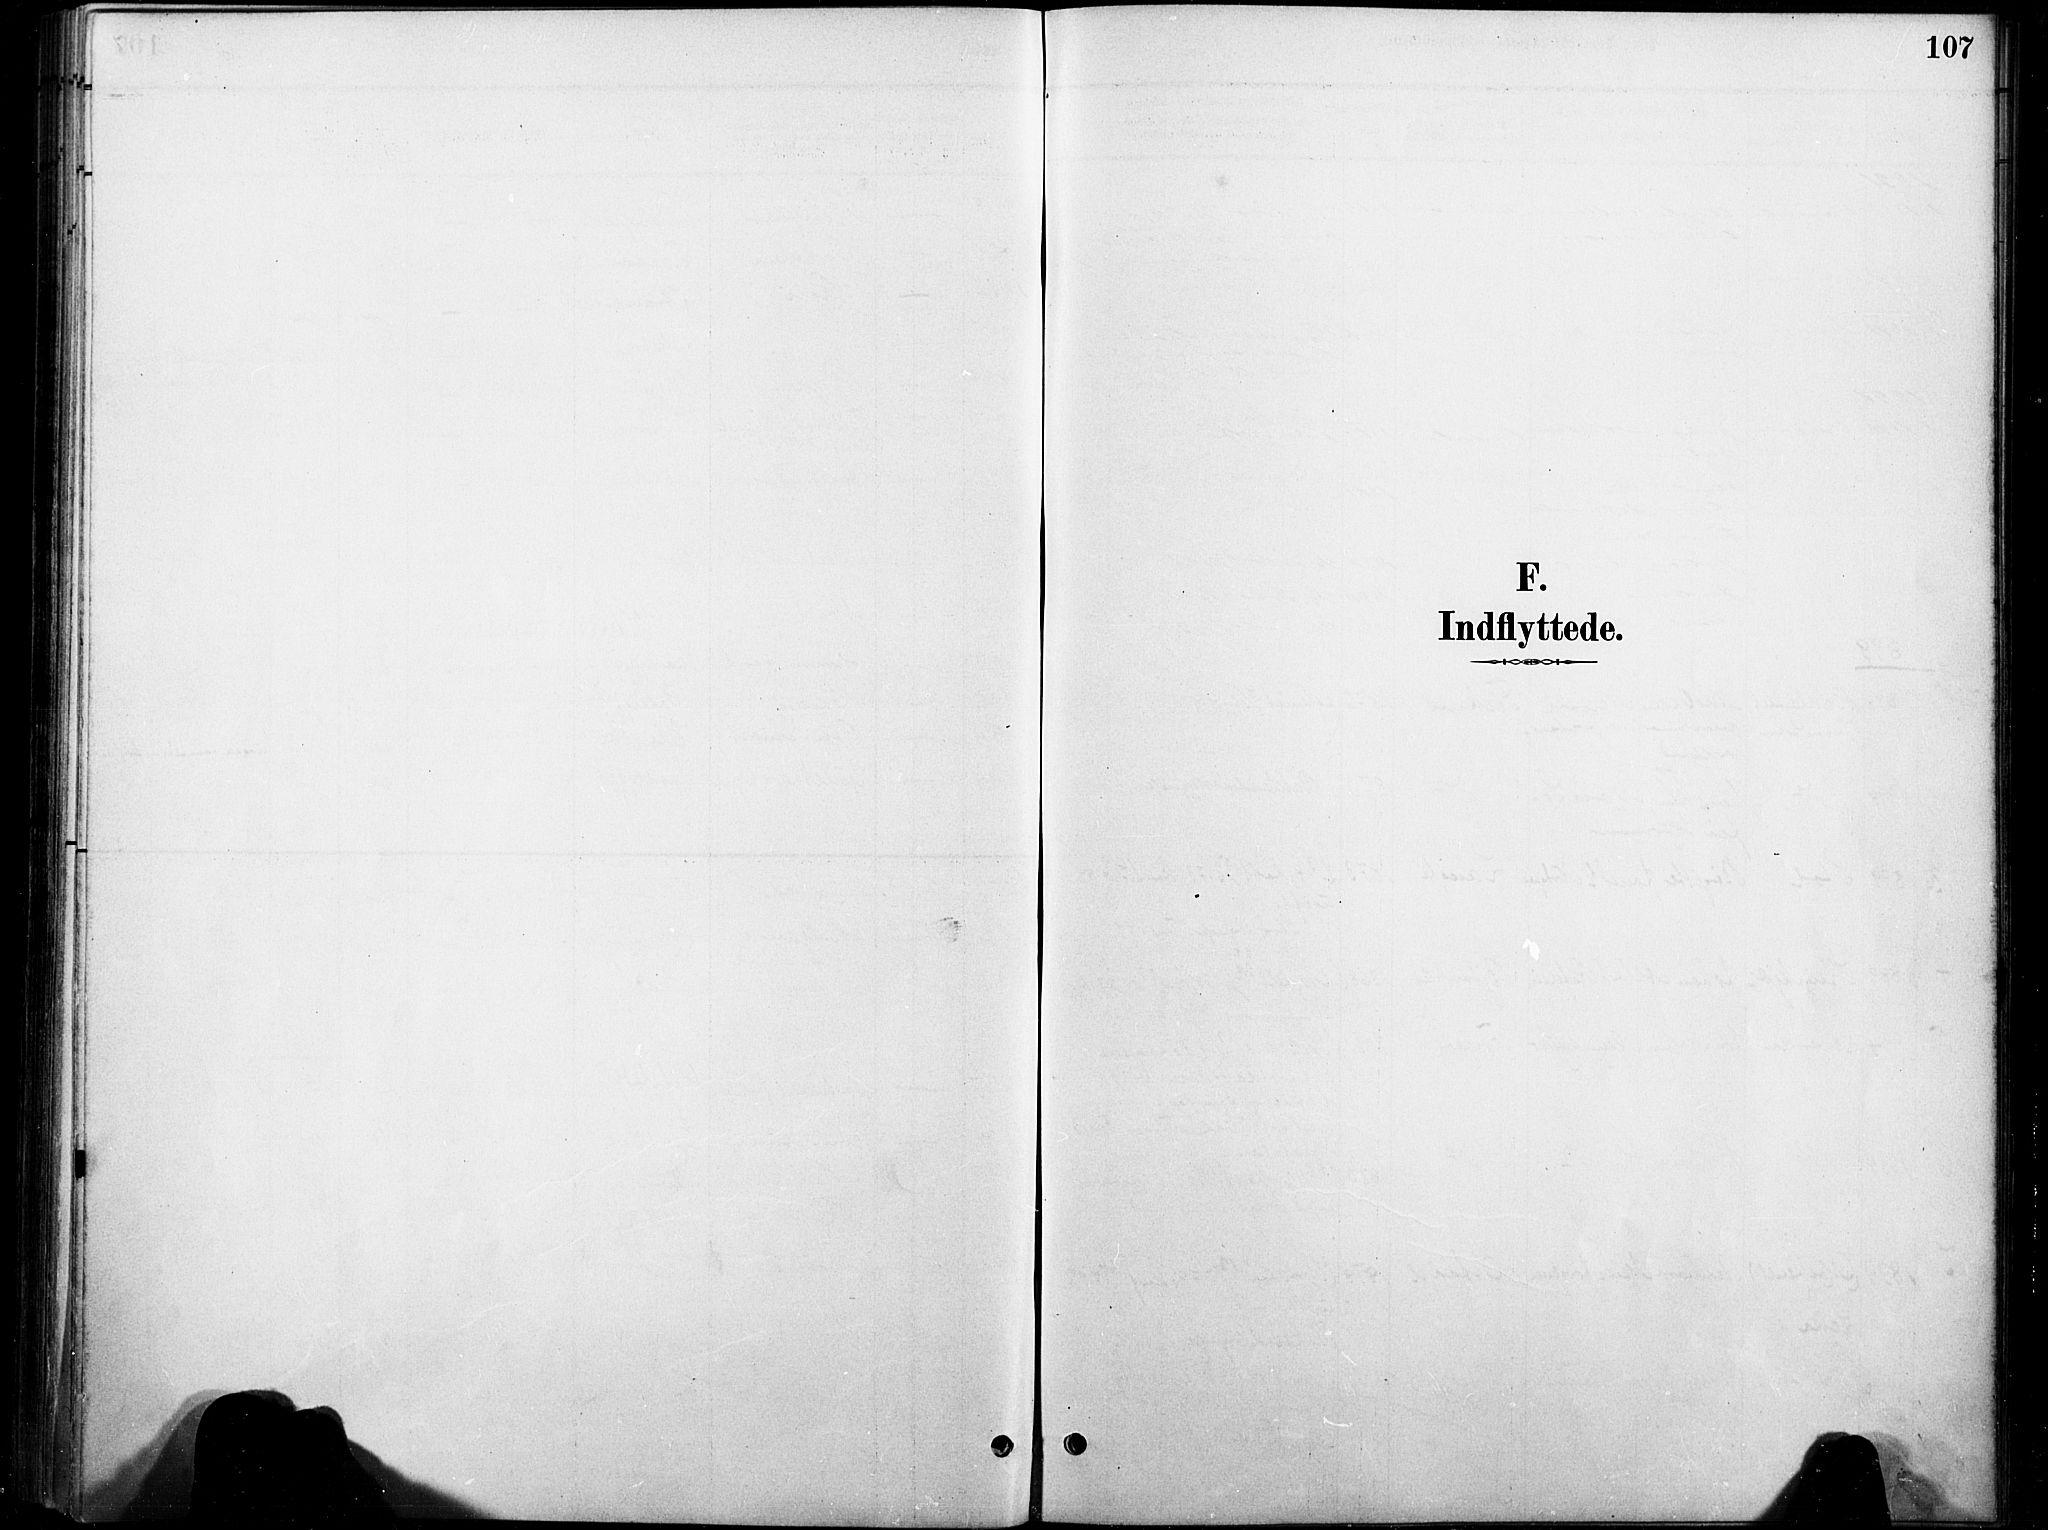 SAT, Ministerialprotokoller, klokkerbøker og fødselsregistre - Nord-Trøndelag, 738/L0364: Ministerialbok nr. 738A01, 1884-1902, s. 107